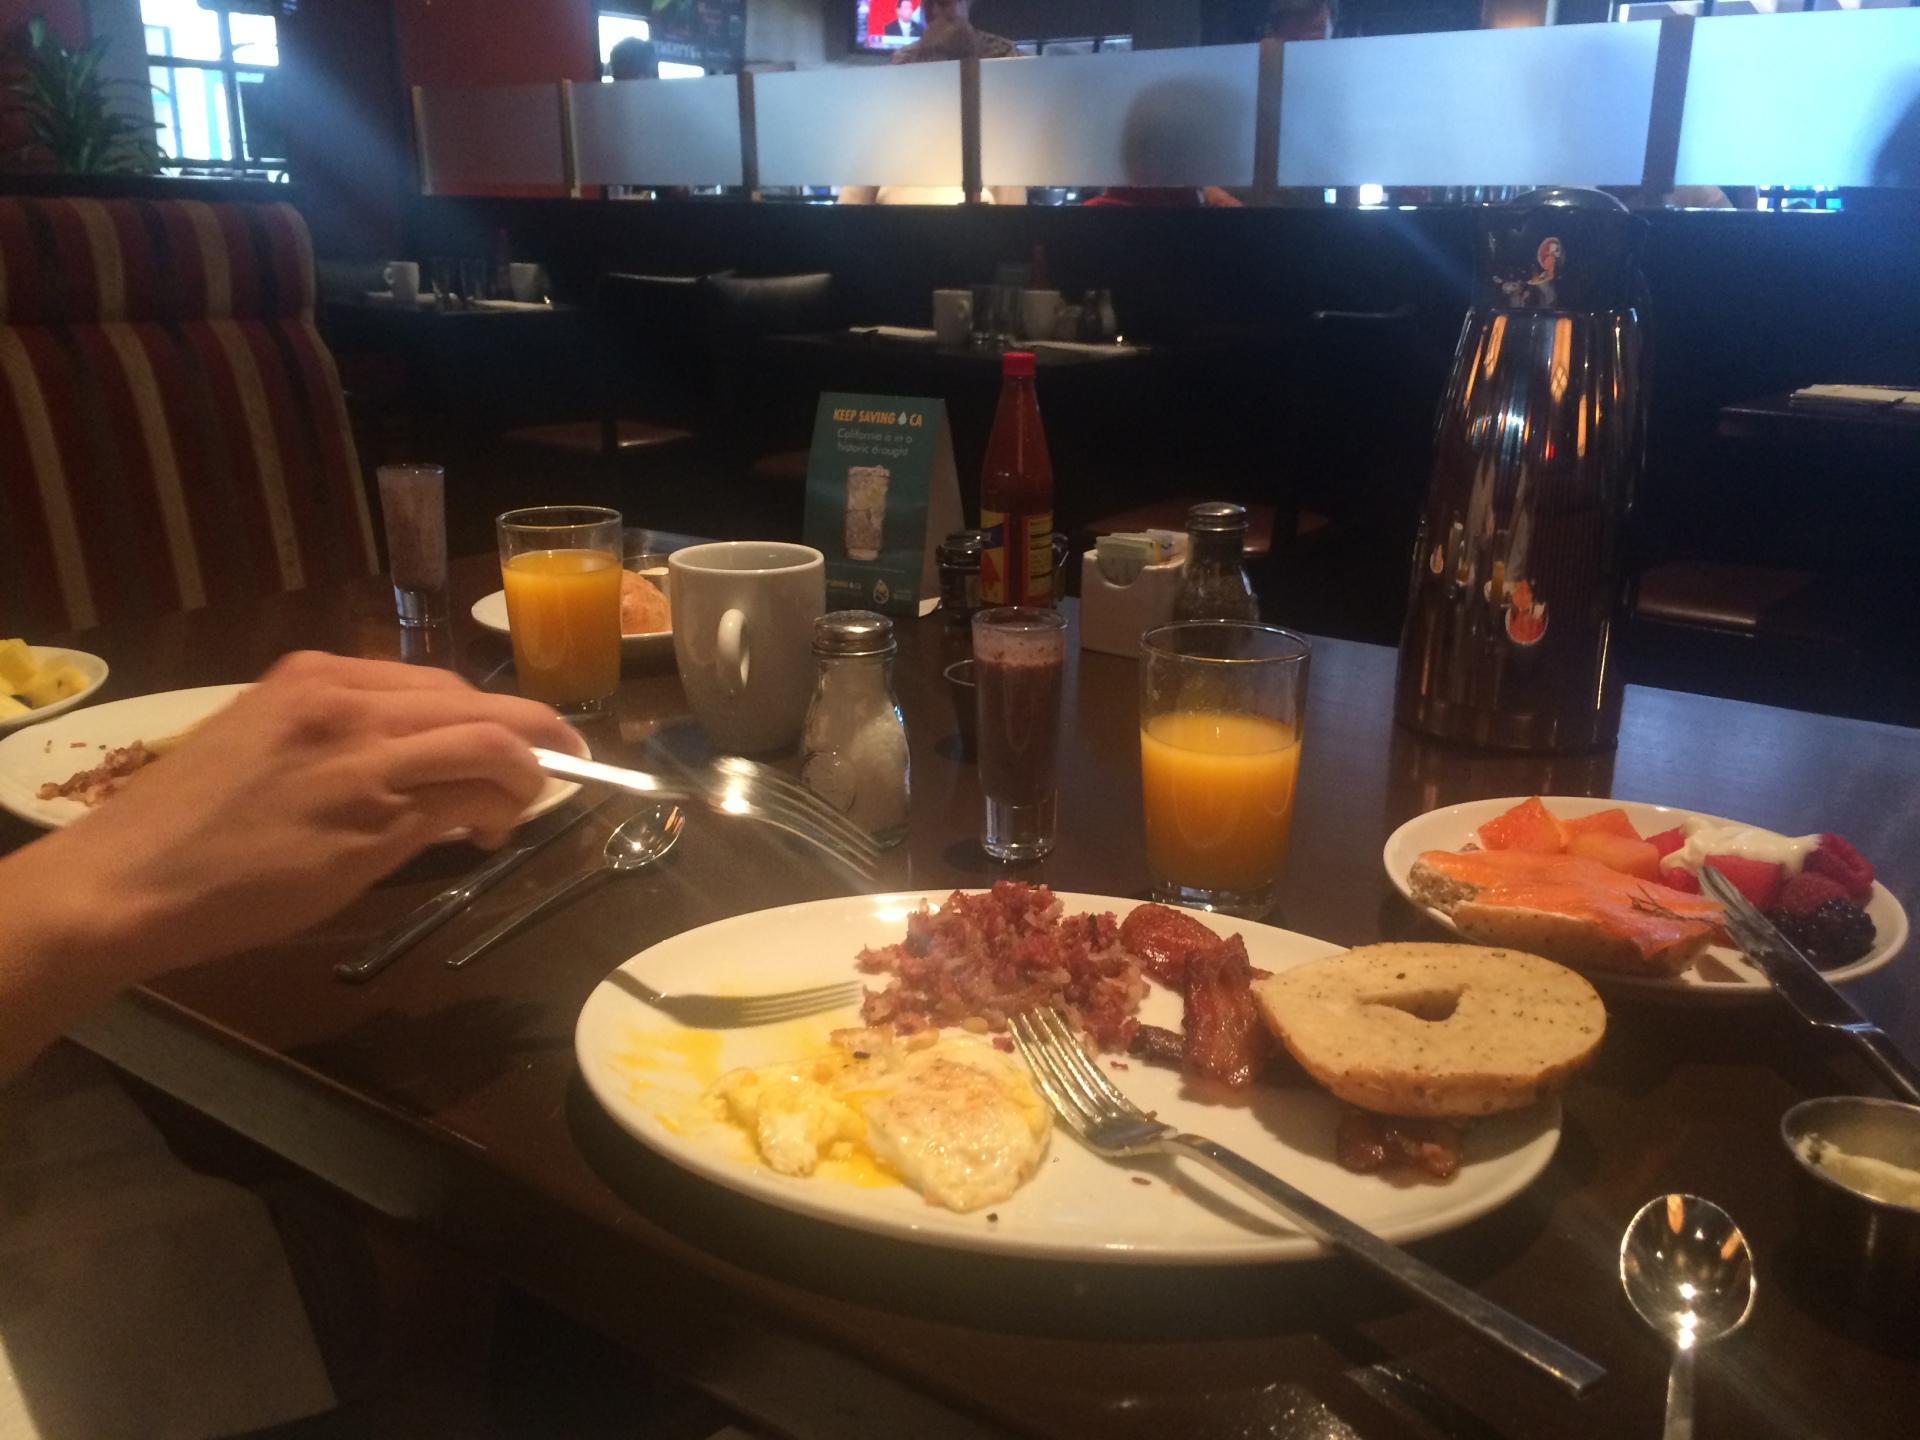 Breakfastbuffetatlaquintaresort